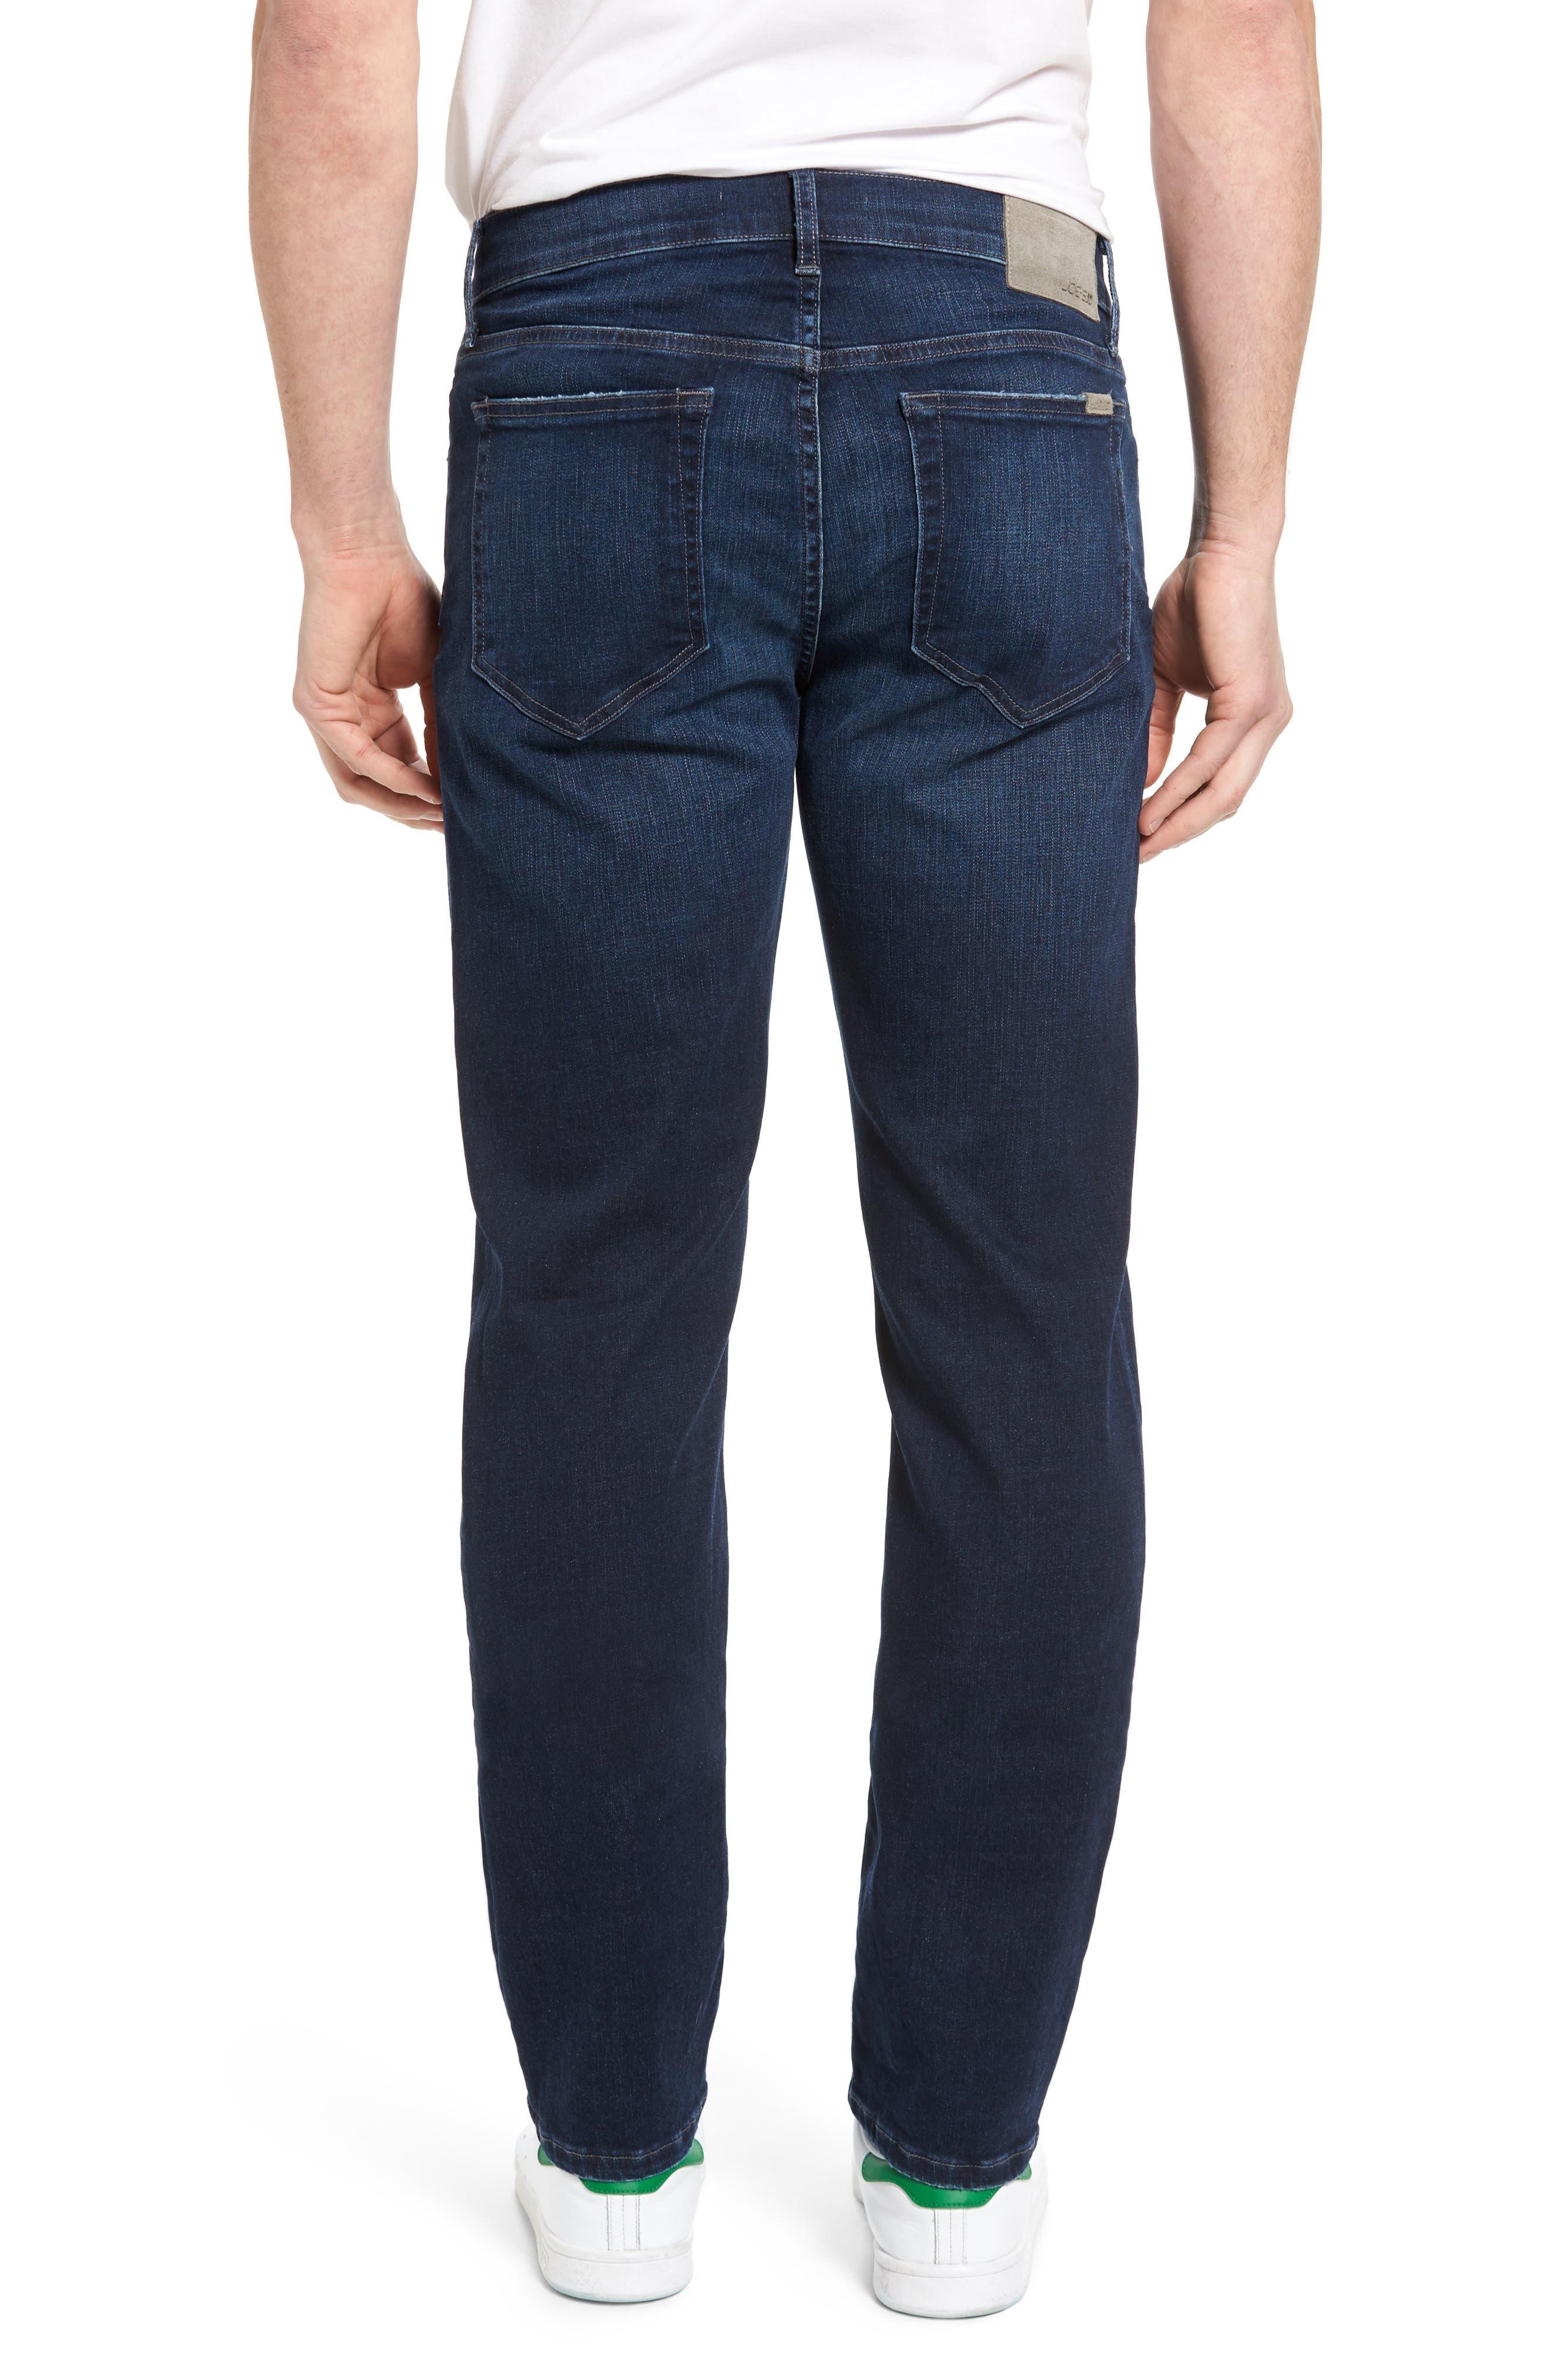 Brixton Kinetic Slim Straight Leg Jeans,                             Alternate thumbnail 2, color,